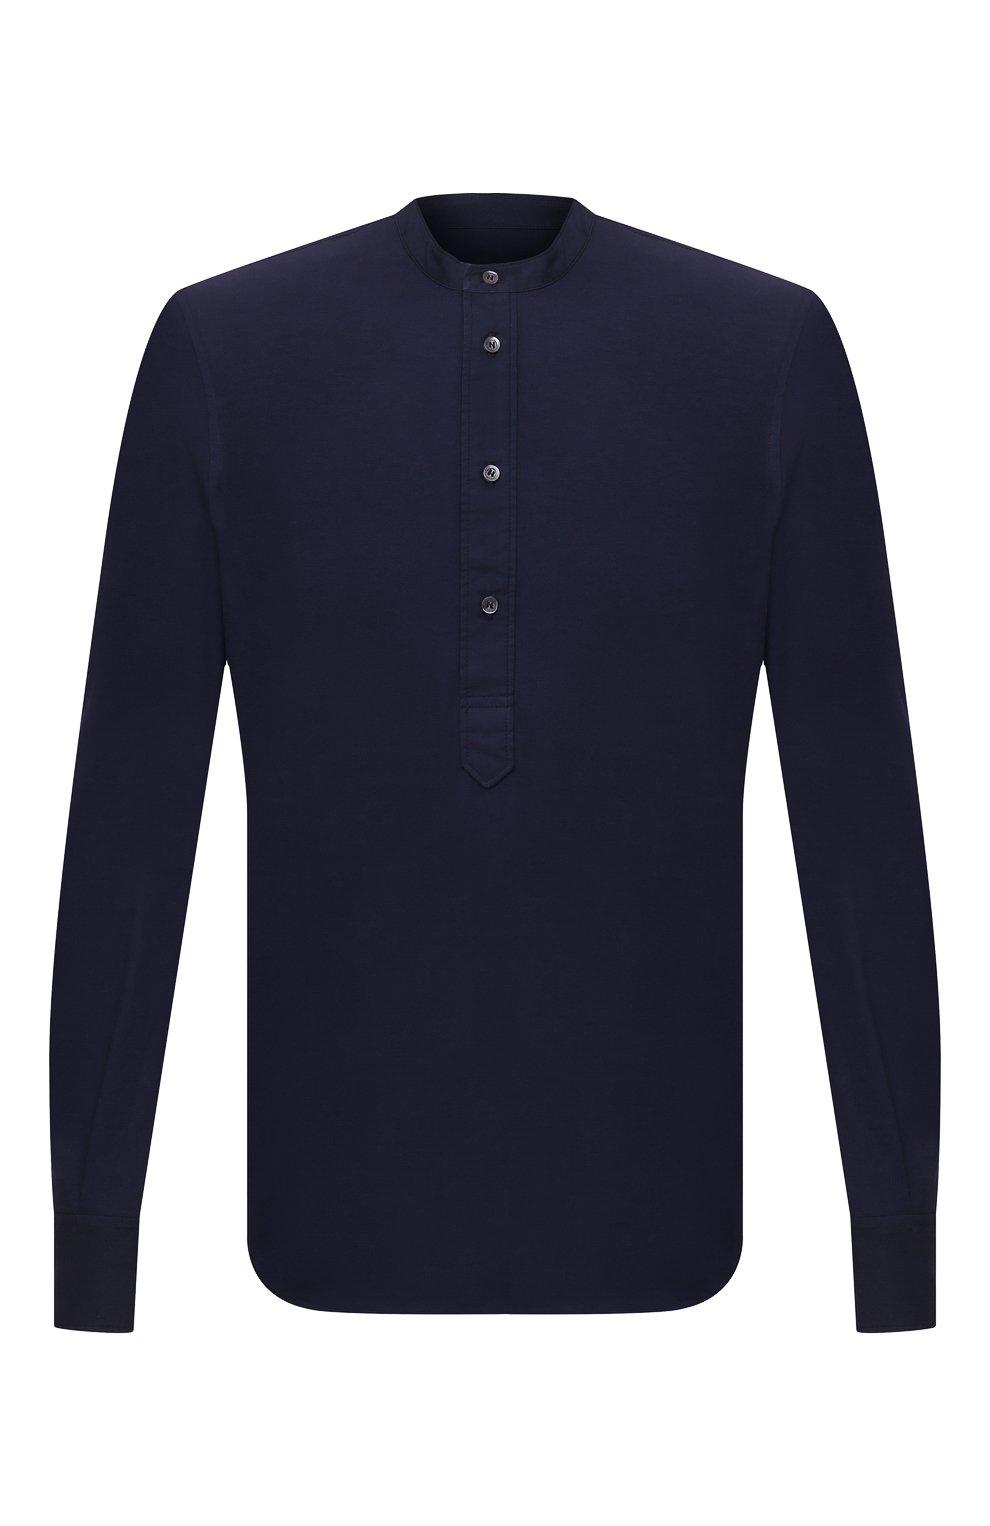 Мужская хлопковая рубашка ASPESI темно-синего цвета, арт. S1 A AY45 9408   Фото 1 (Манжеты: На пуговицах; Рукава: Длинные; Случай: Повседневный; Длина (для топов): Стандартные; Материал внешний: Хлопок; Принт: Однотонные; Воротник: Мандарин; Стили: Кэжуэл)